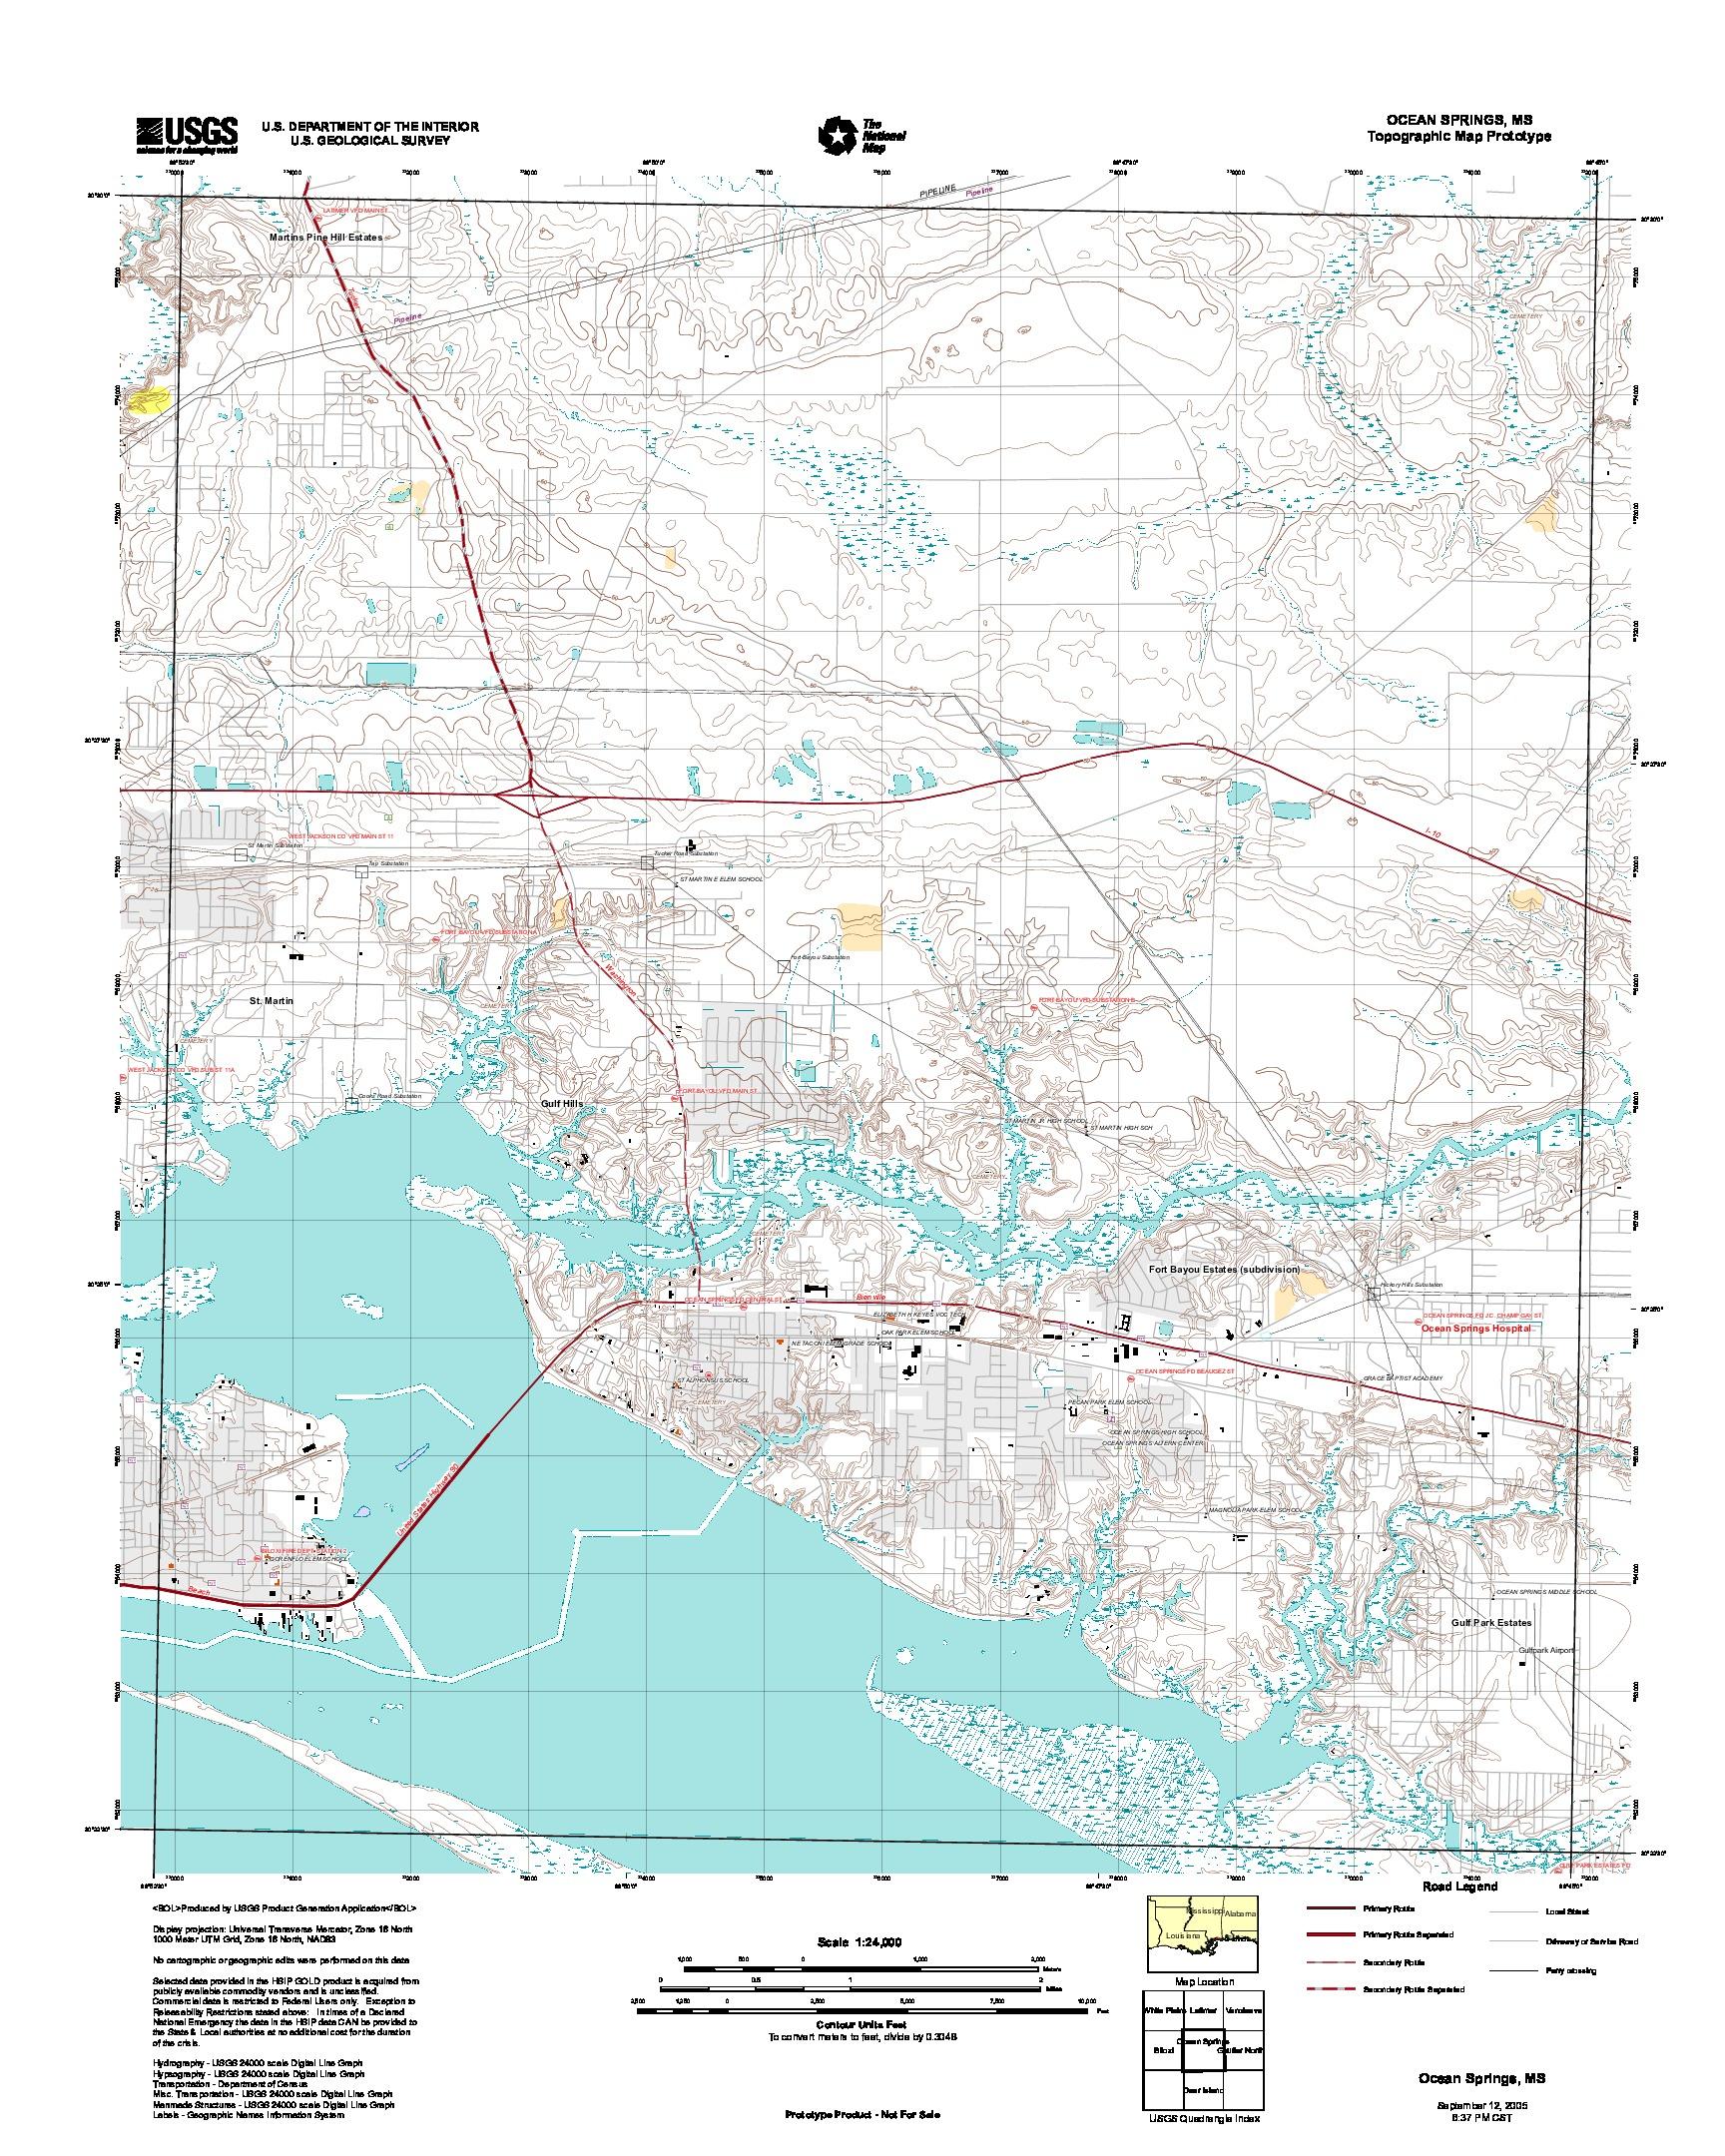 Prototipo de Mapa Topográfico de Ocean Springs, Misisipi, Estados Unidos, Septiembre 12, 2005